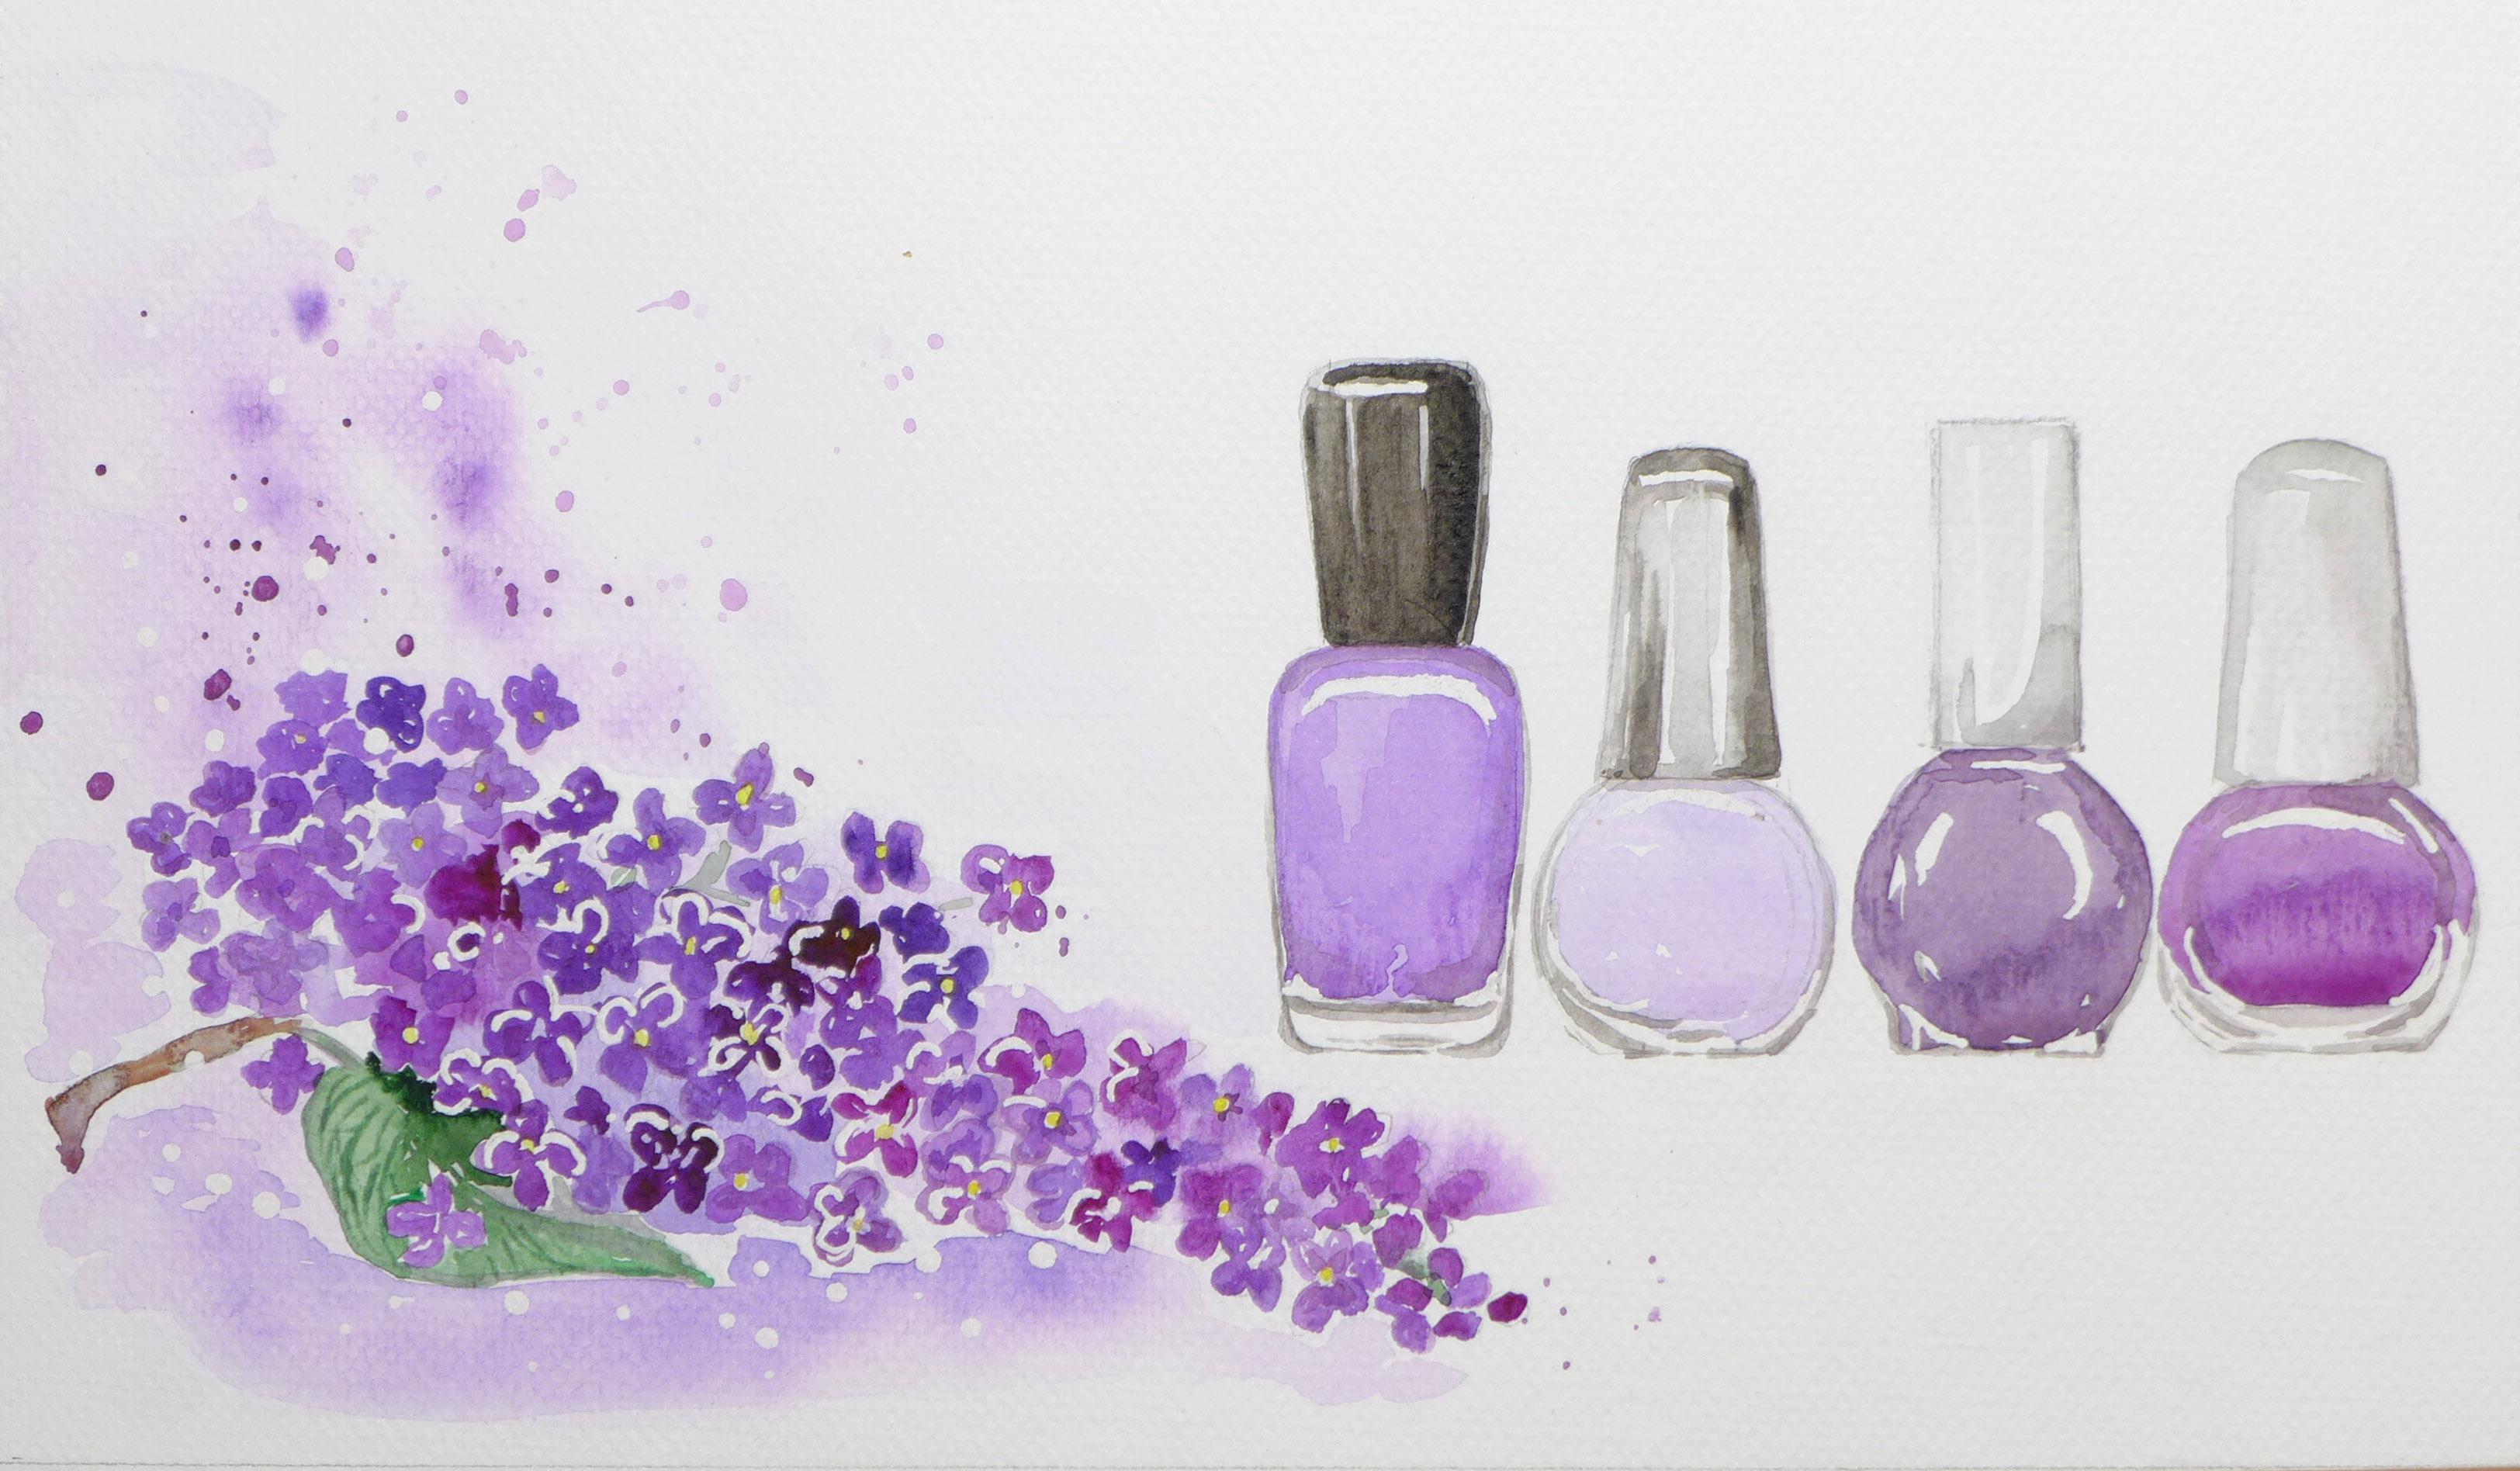 Orgován a fialové laky & akvarel